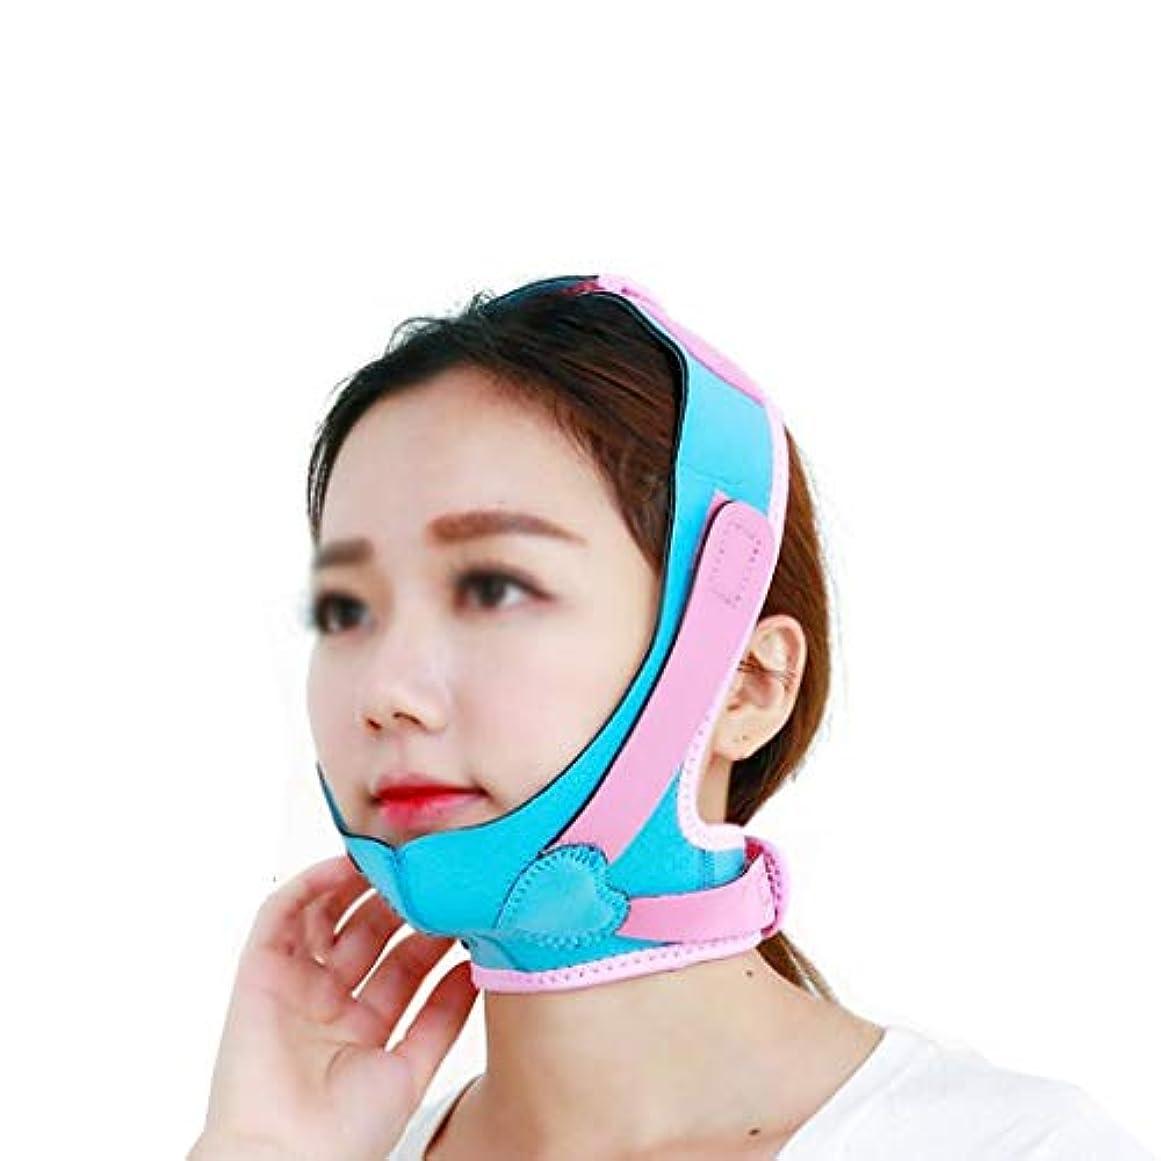 防止合計深くZWBD フェイスマスク, フェイスリフティングフェイスVフェイスバンデージマスクスリープビューティーストラップ薄いダブルチンリフトフェイスファーミングベルト